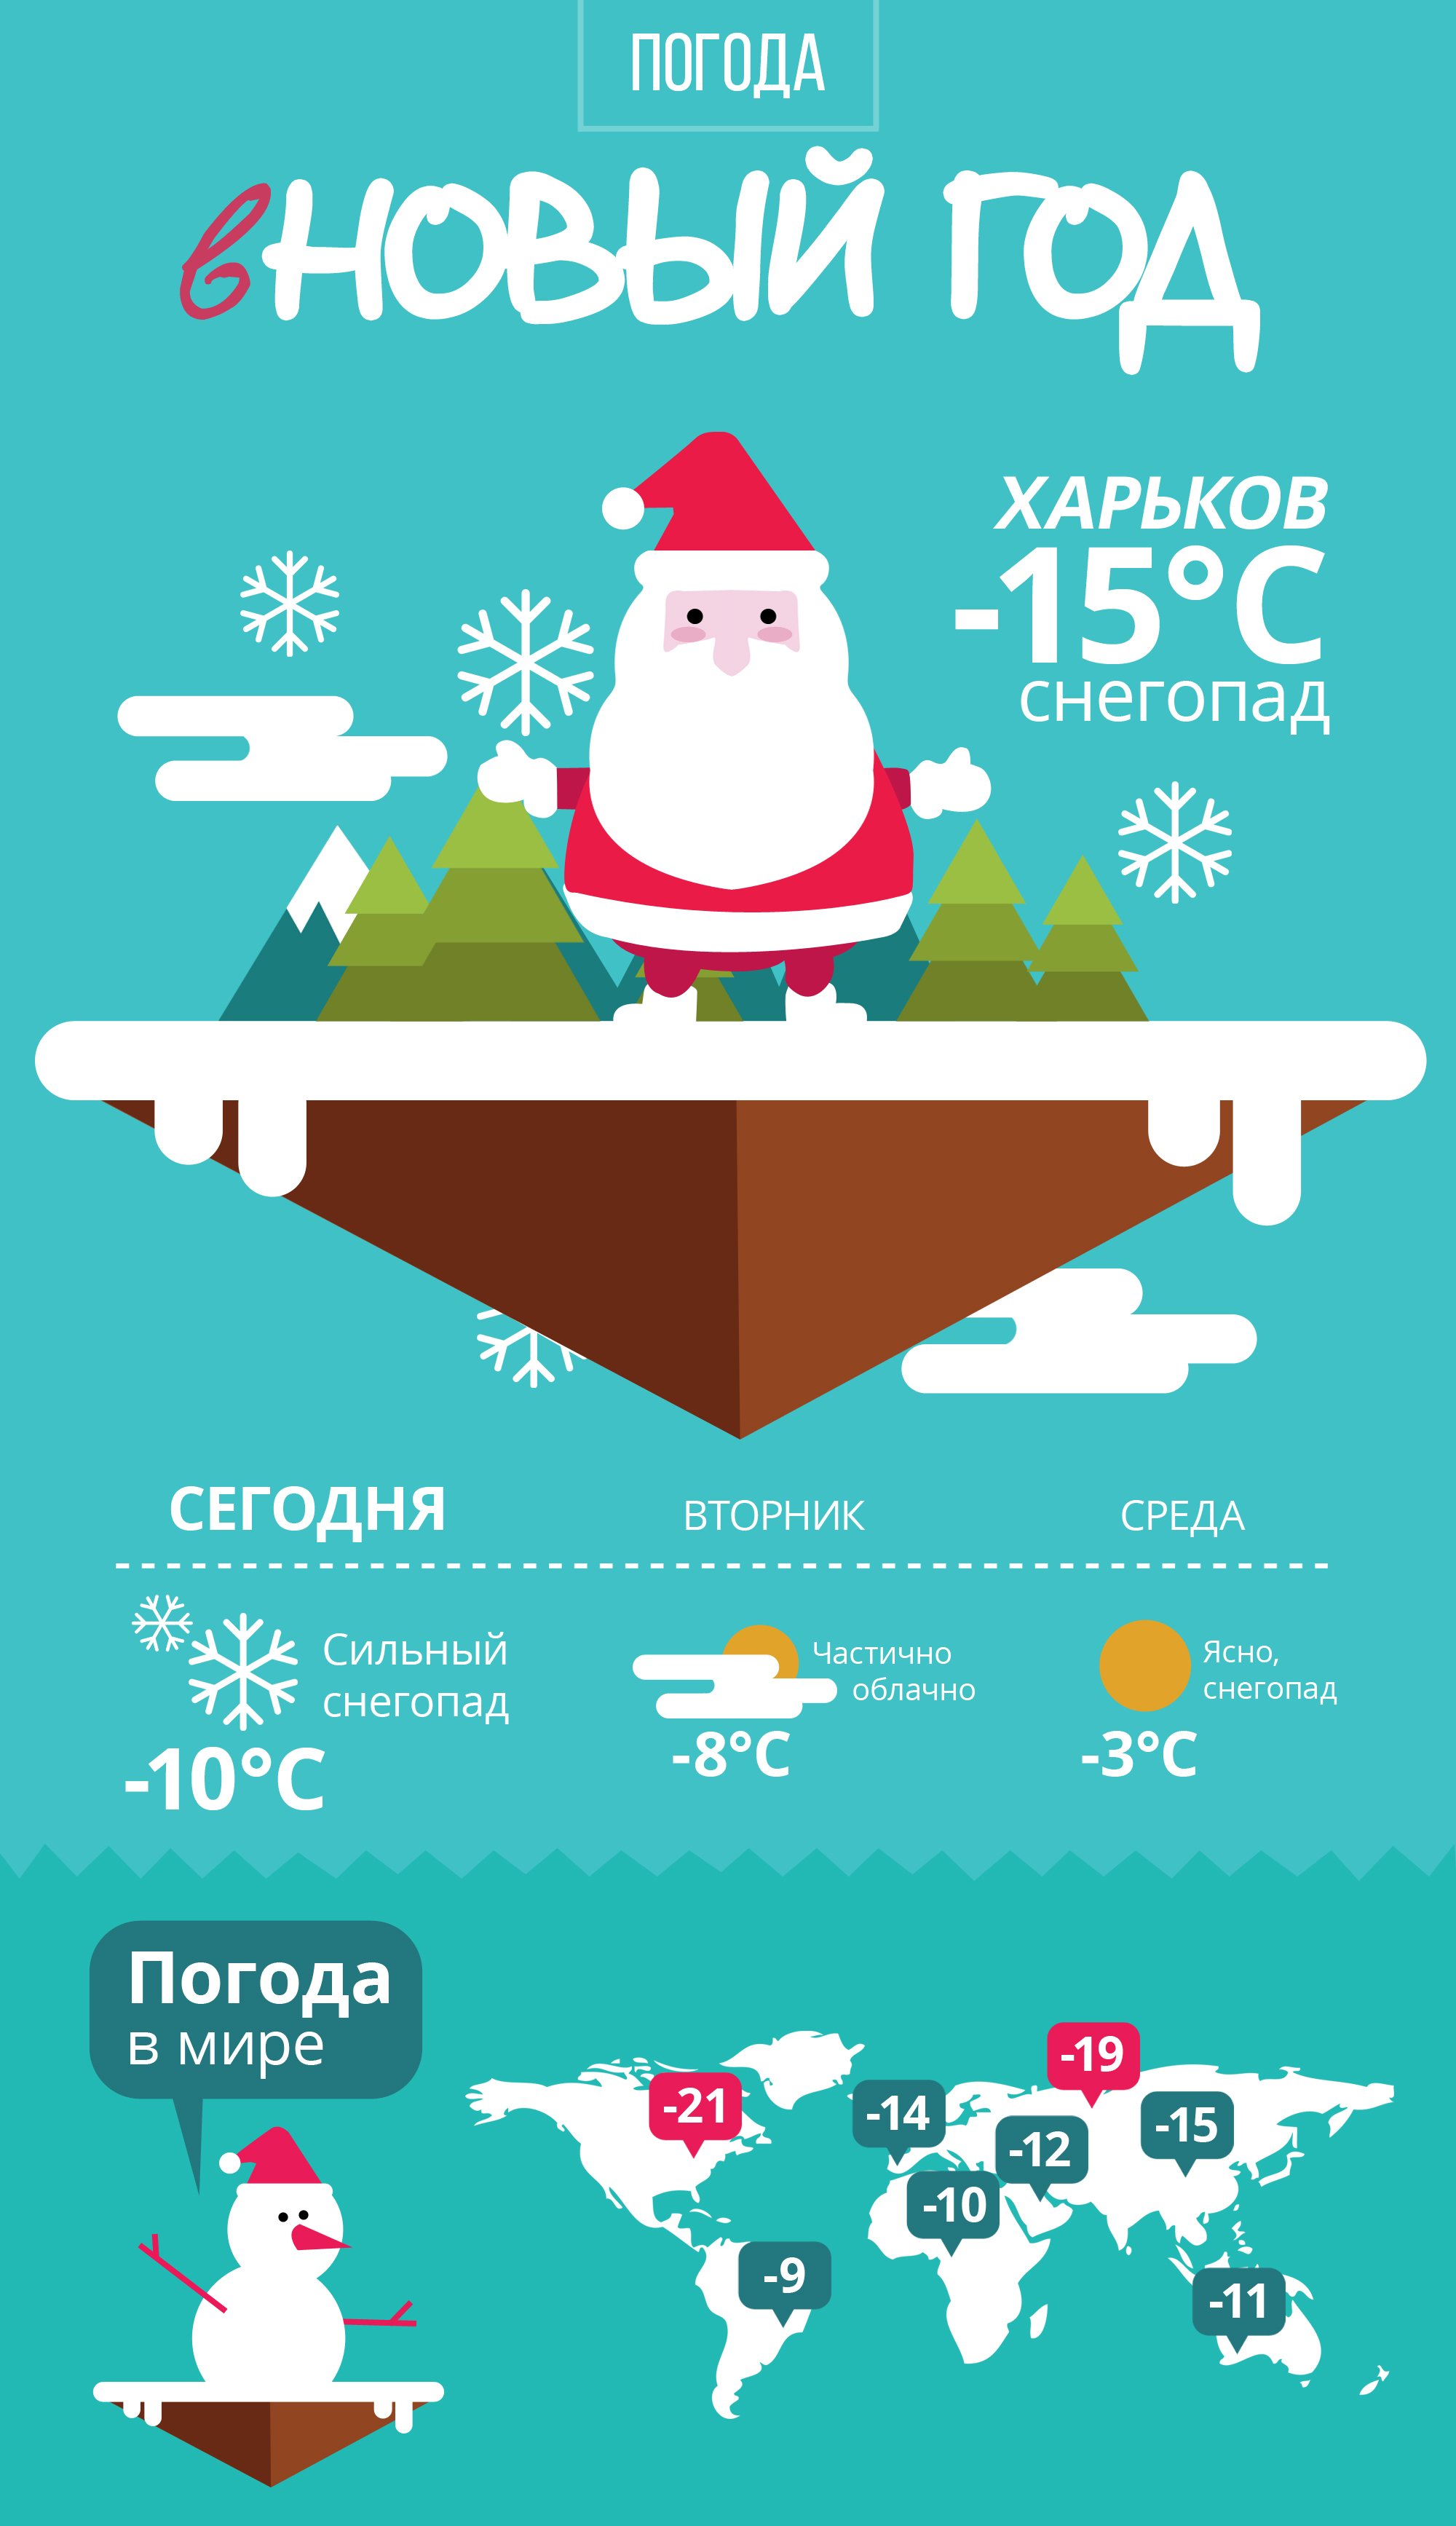 Фото Создаю различного рода инфографику 2